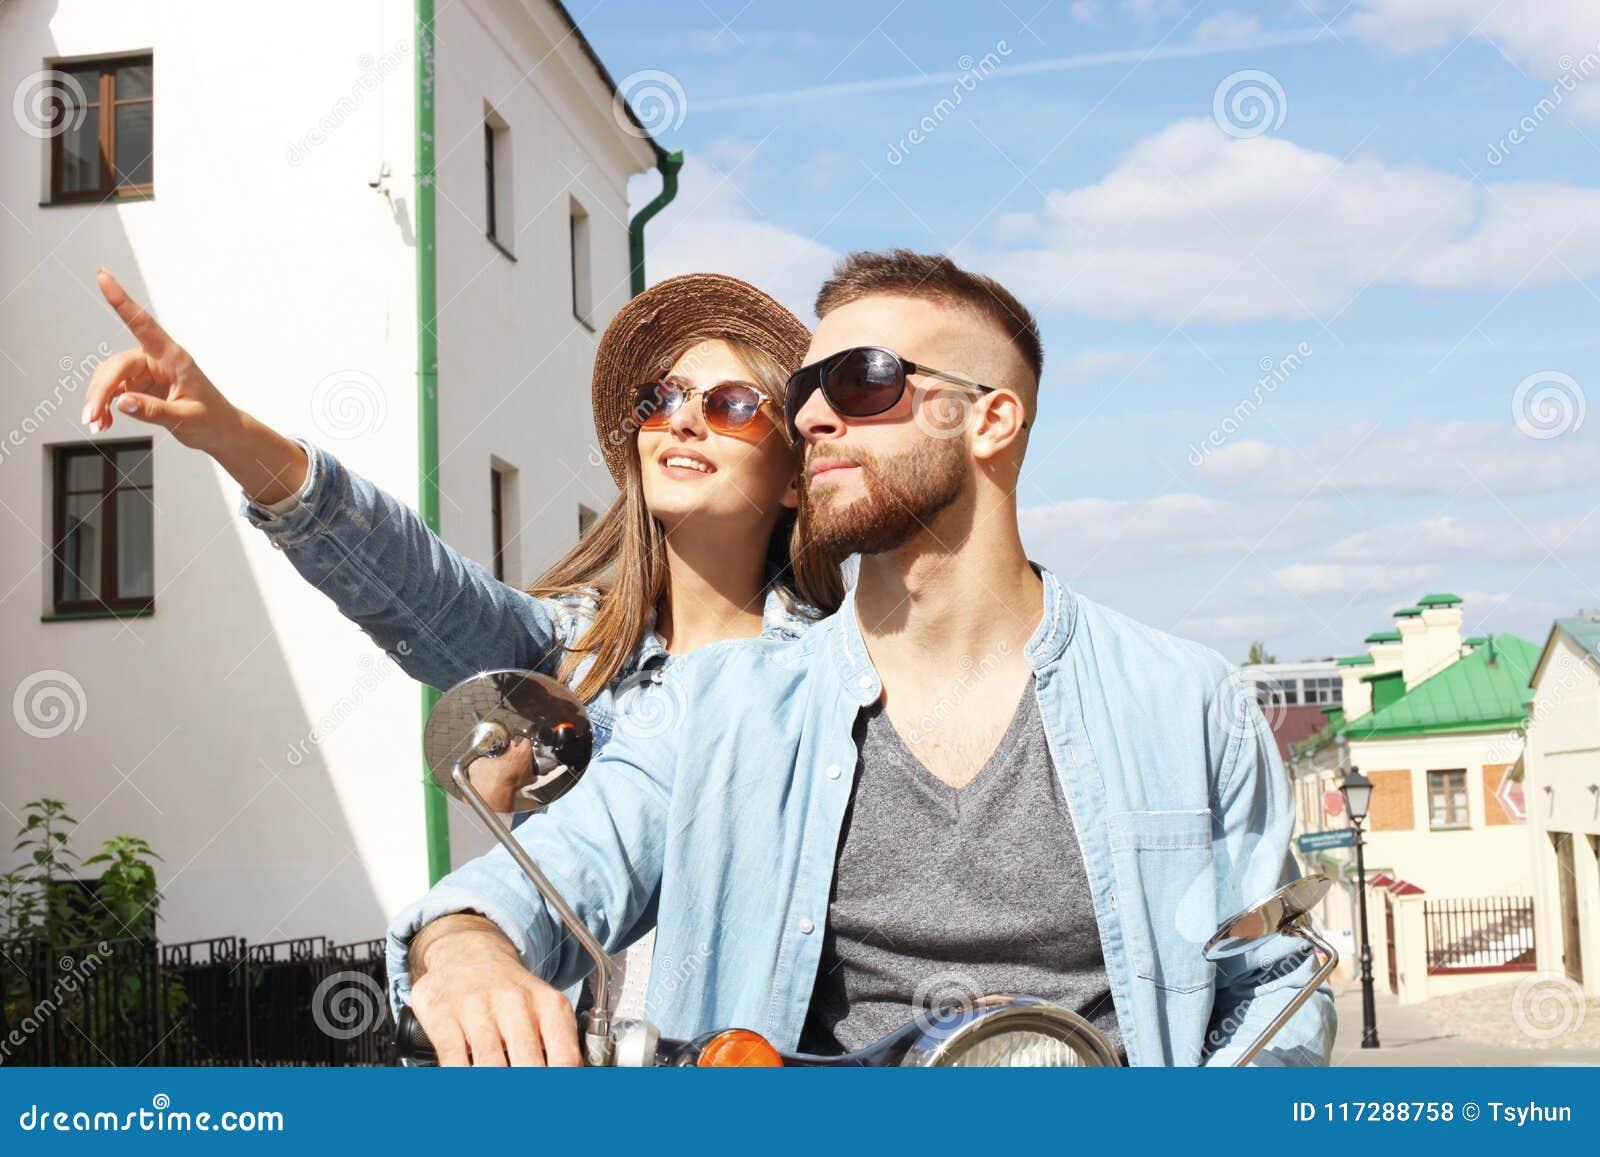 愉快的年轻夫妇骑马滑行车在镇里 英俊的人和少妇旅行 冒险和假期概念